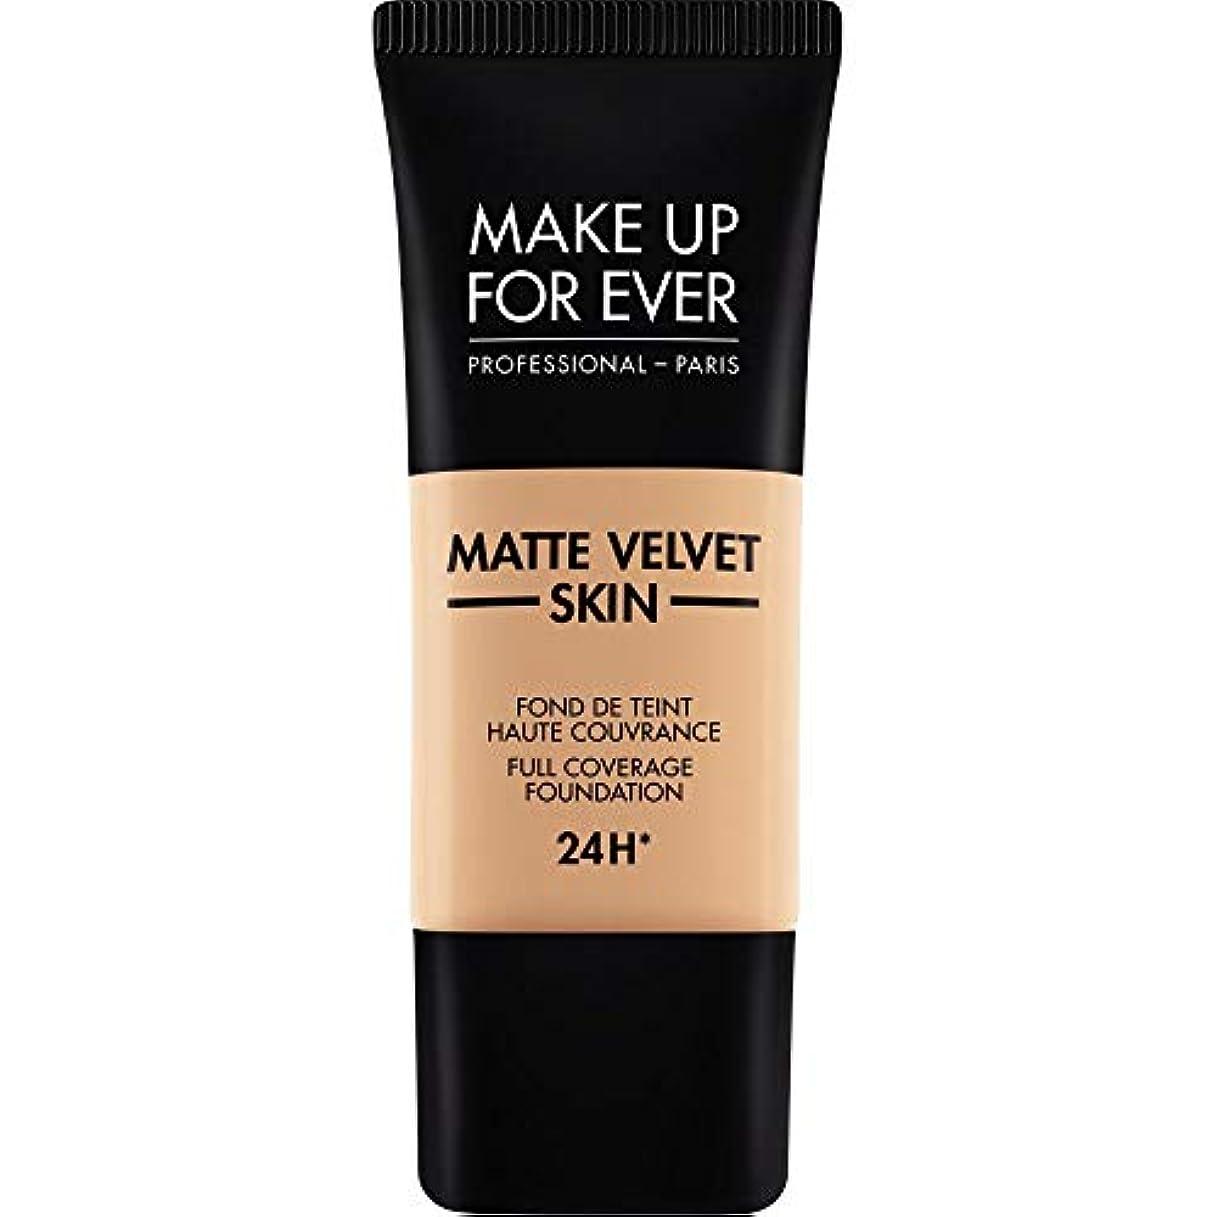 扱いやすいレビューガード[MAKE UP FOR EVER ] これまでマットベルベットの皮膚のフルカバレッジ基礎30ミリリットルのY325を補う - 肉 - MAKE UP FOR EVER Matte Velvet Skin Full Coverage...